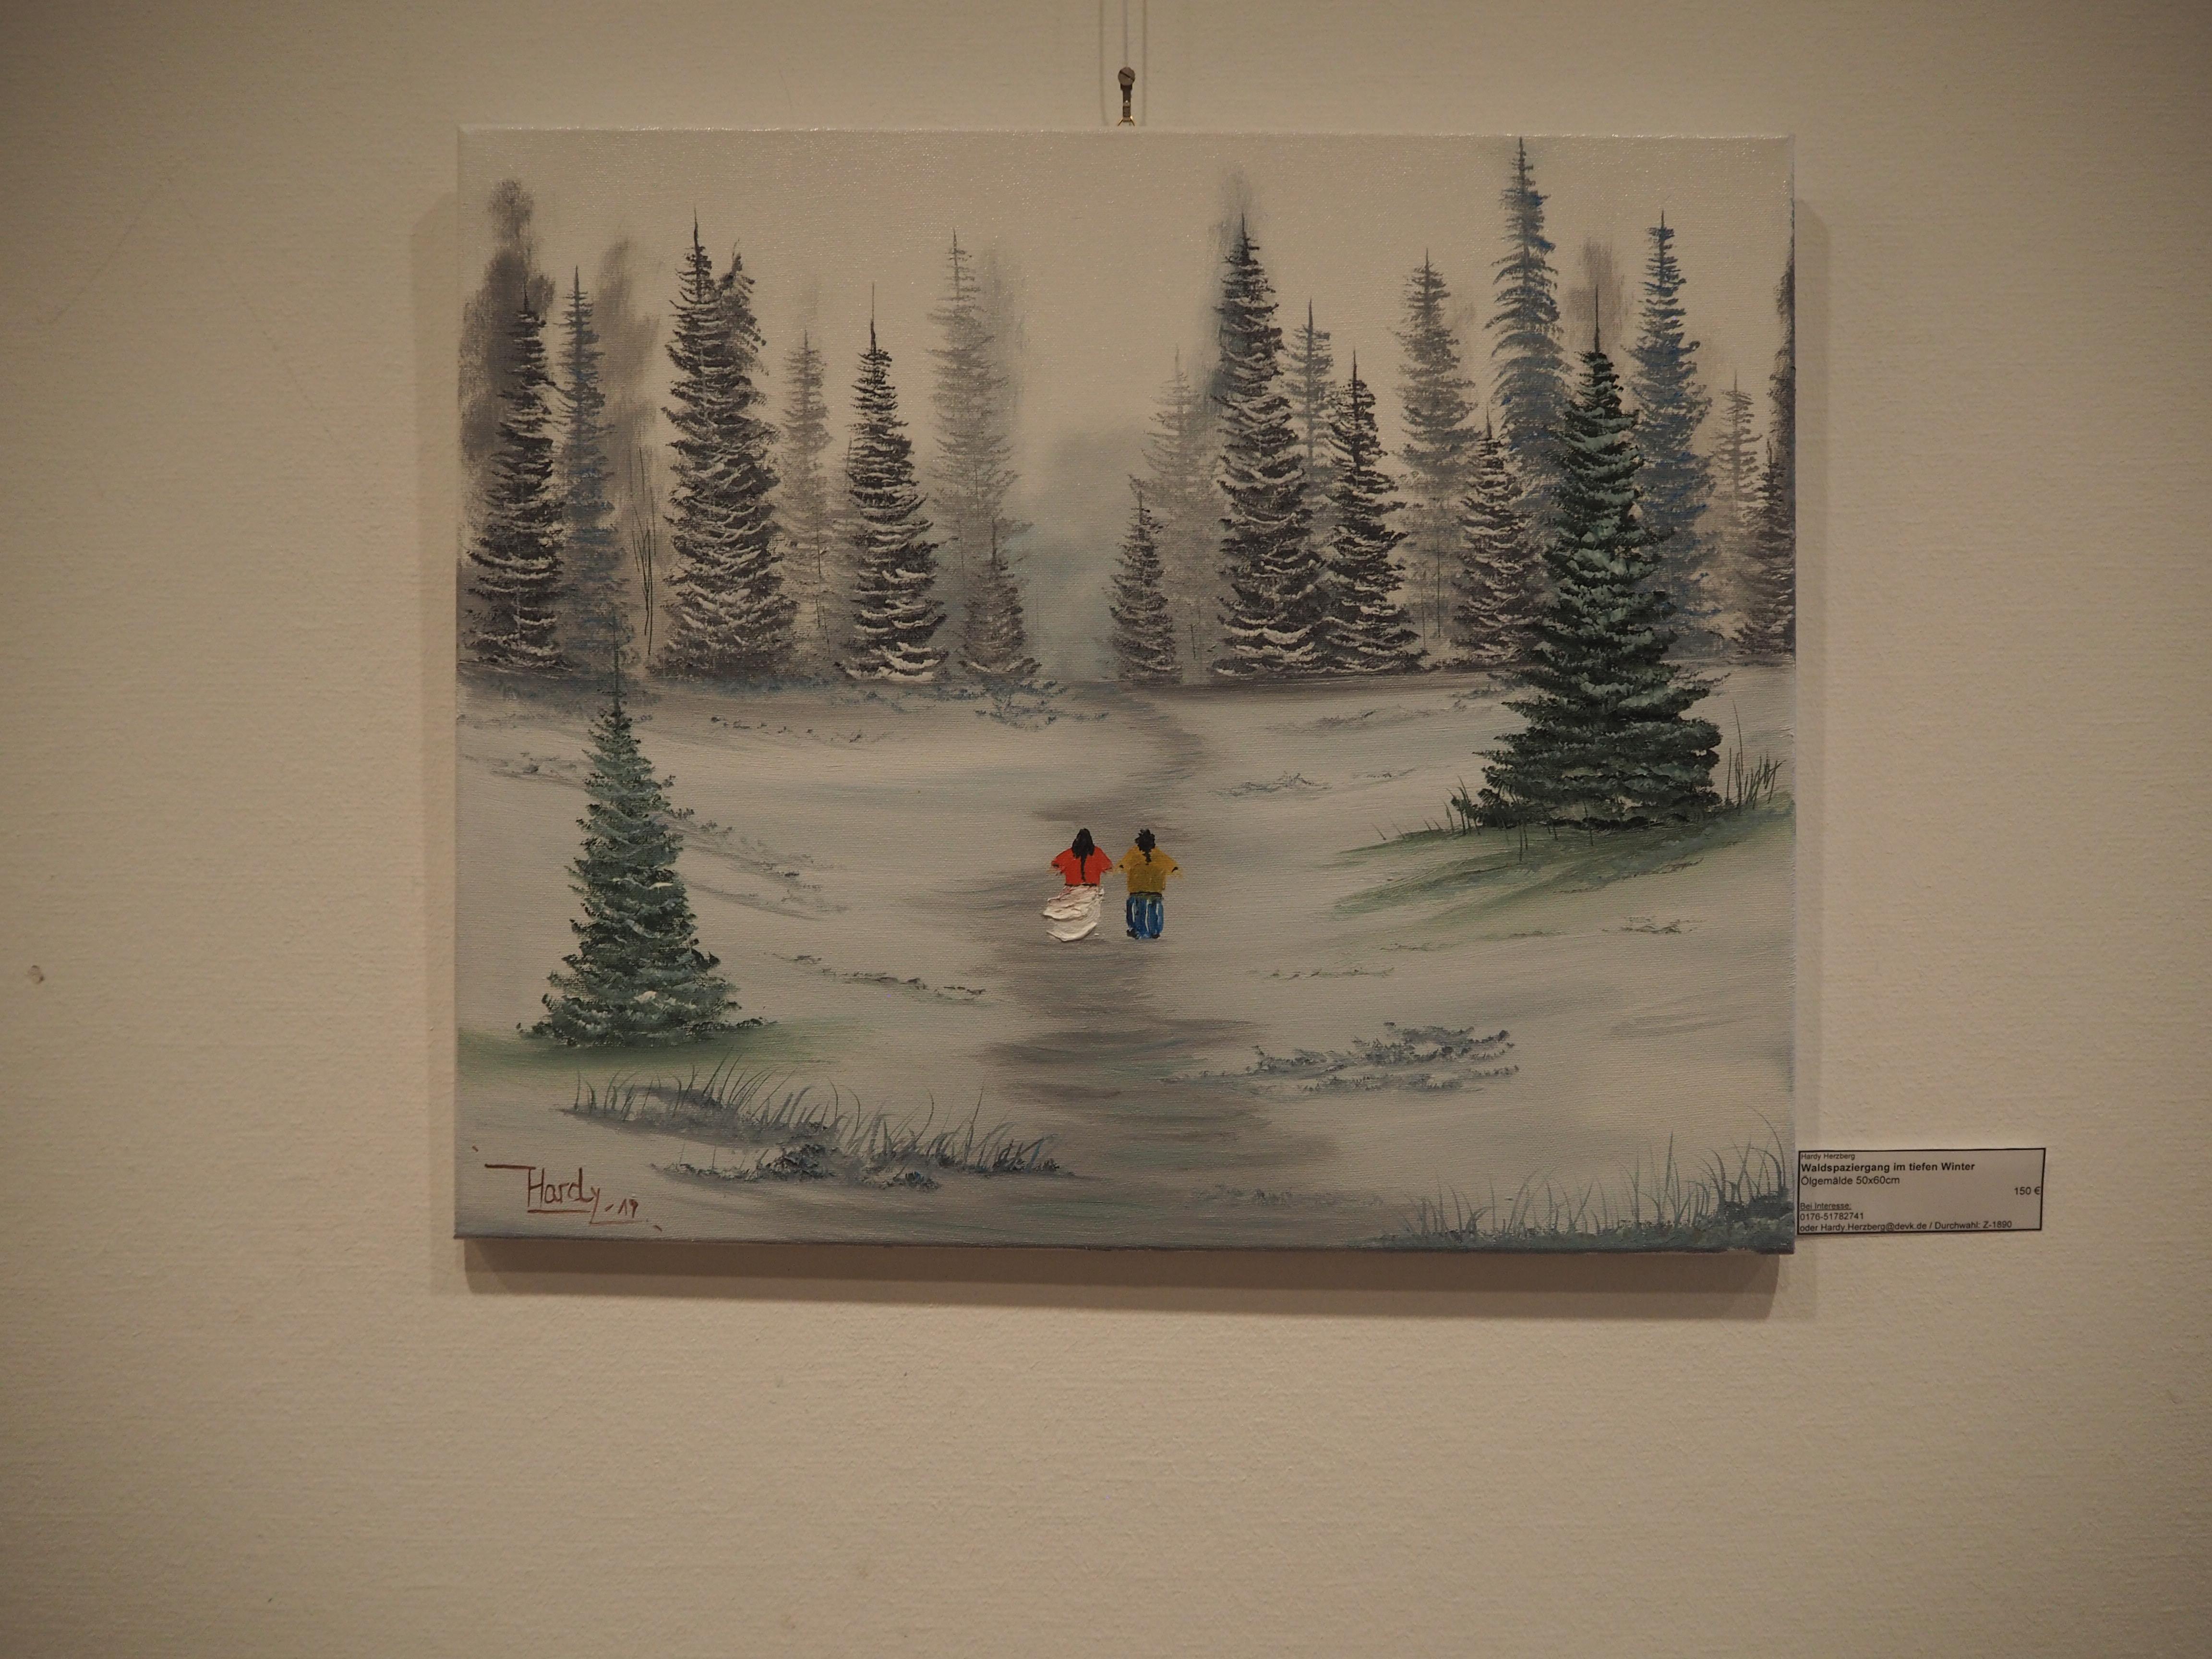 'Spaziergang im Schnee' von Hardy